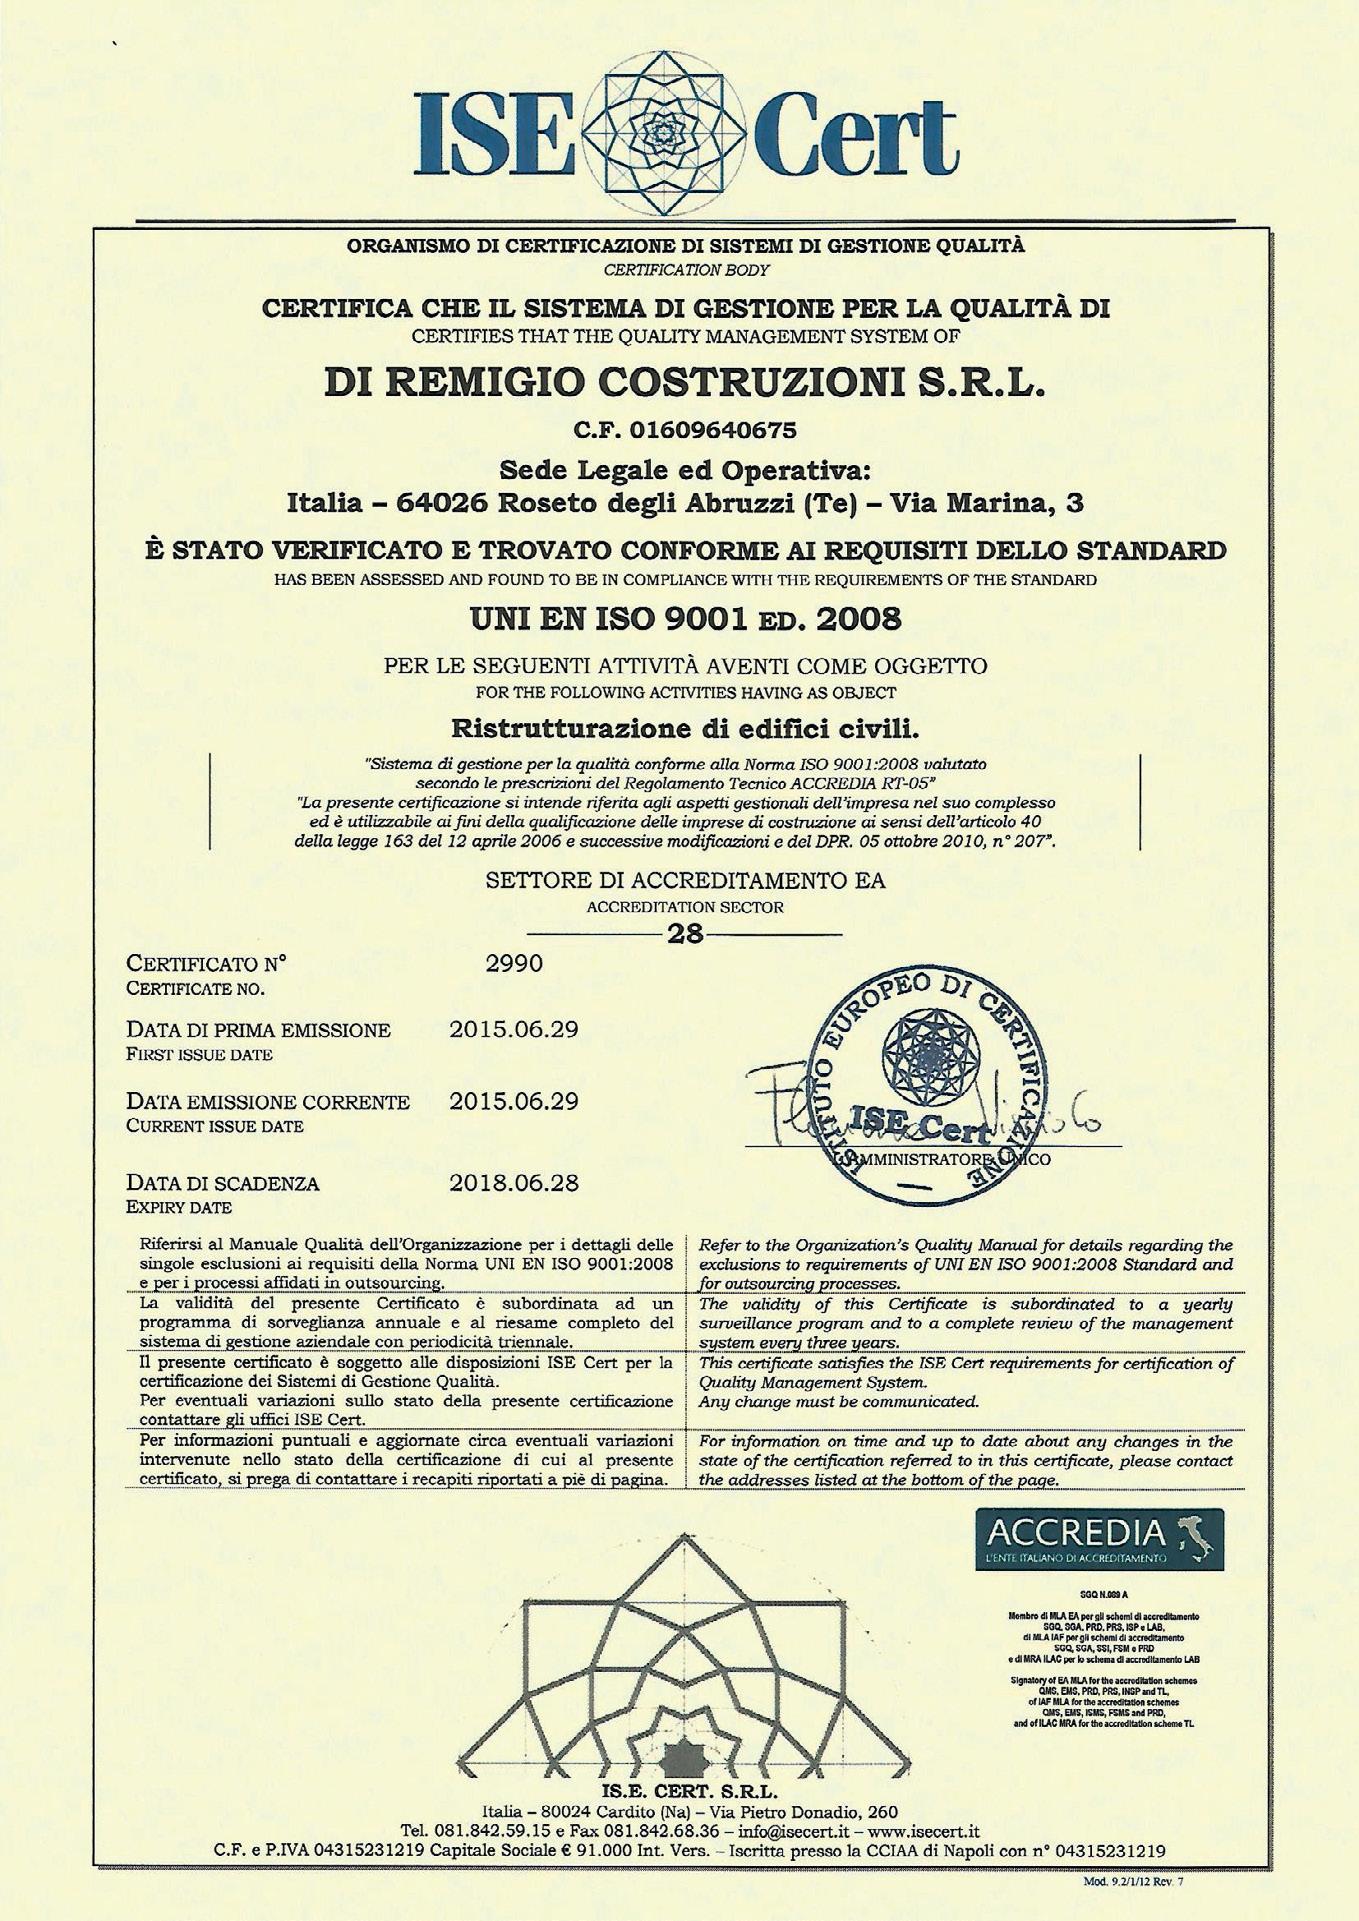 ISO 9001:2008 rilasciato da ISE Cert srl